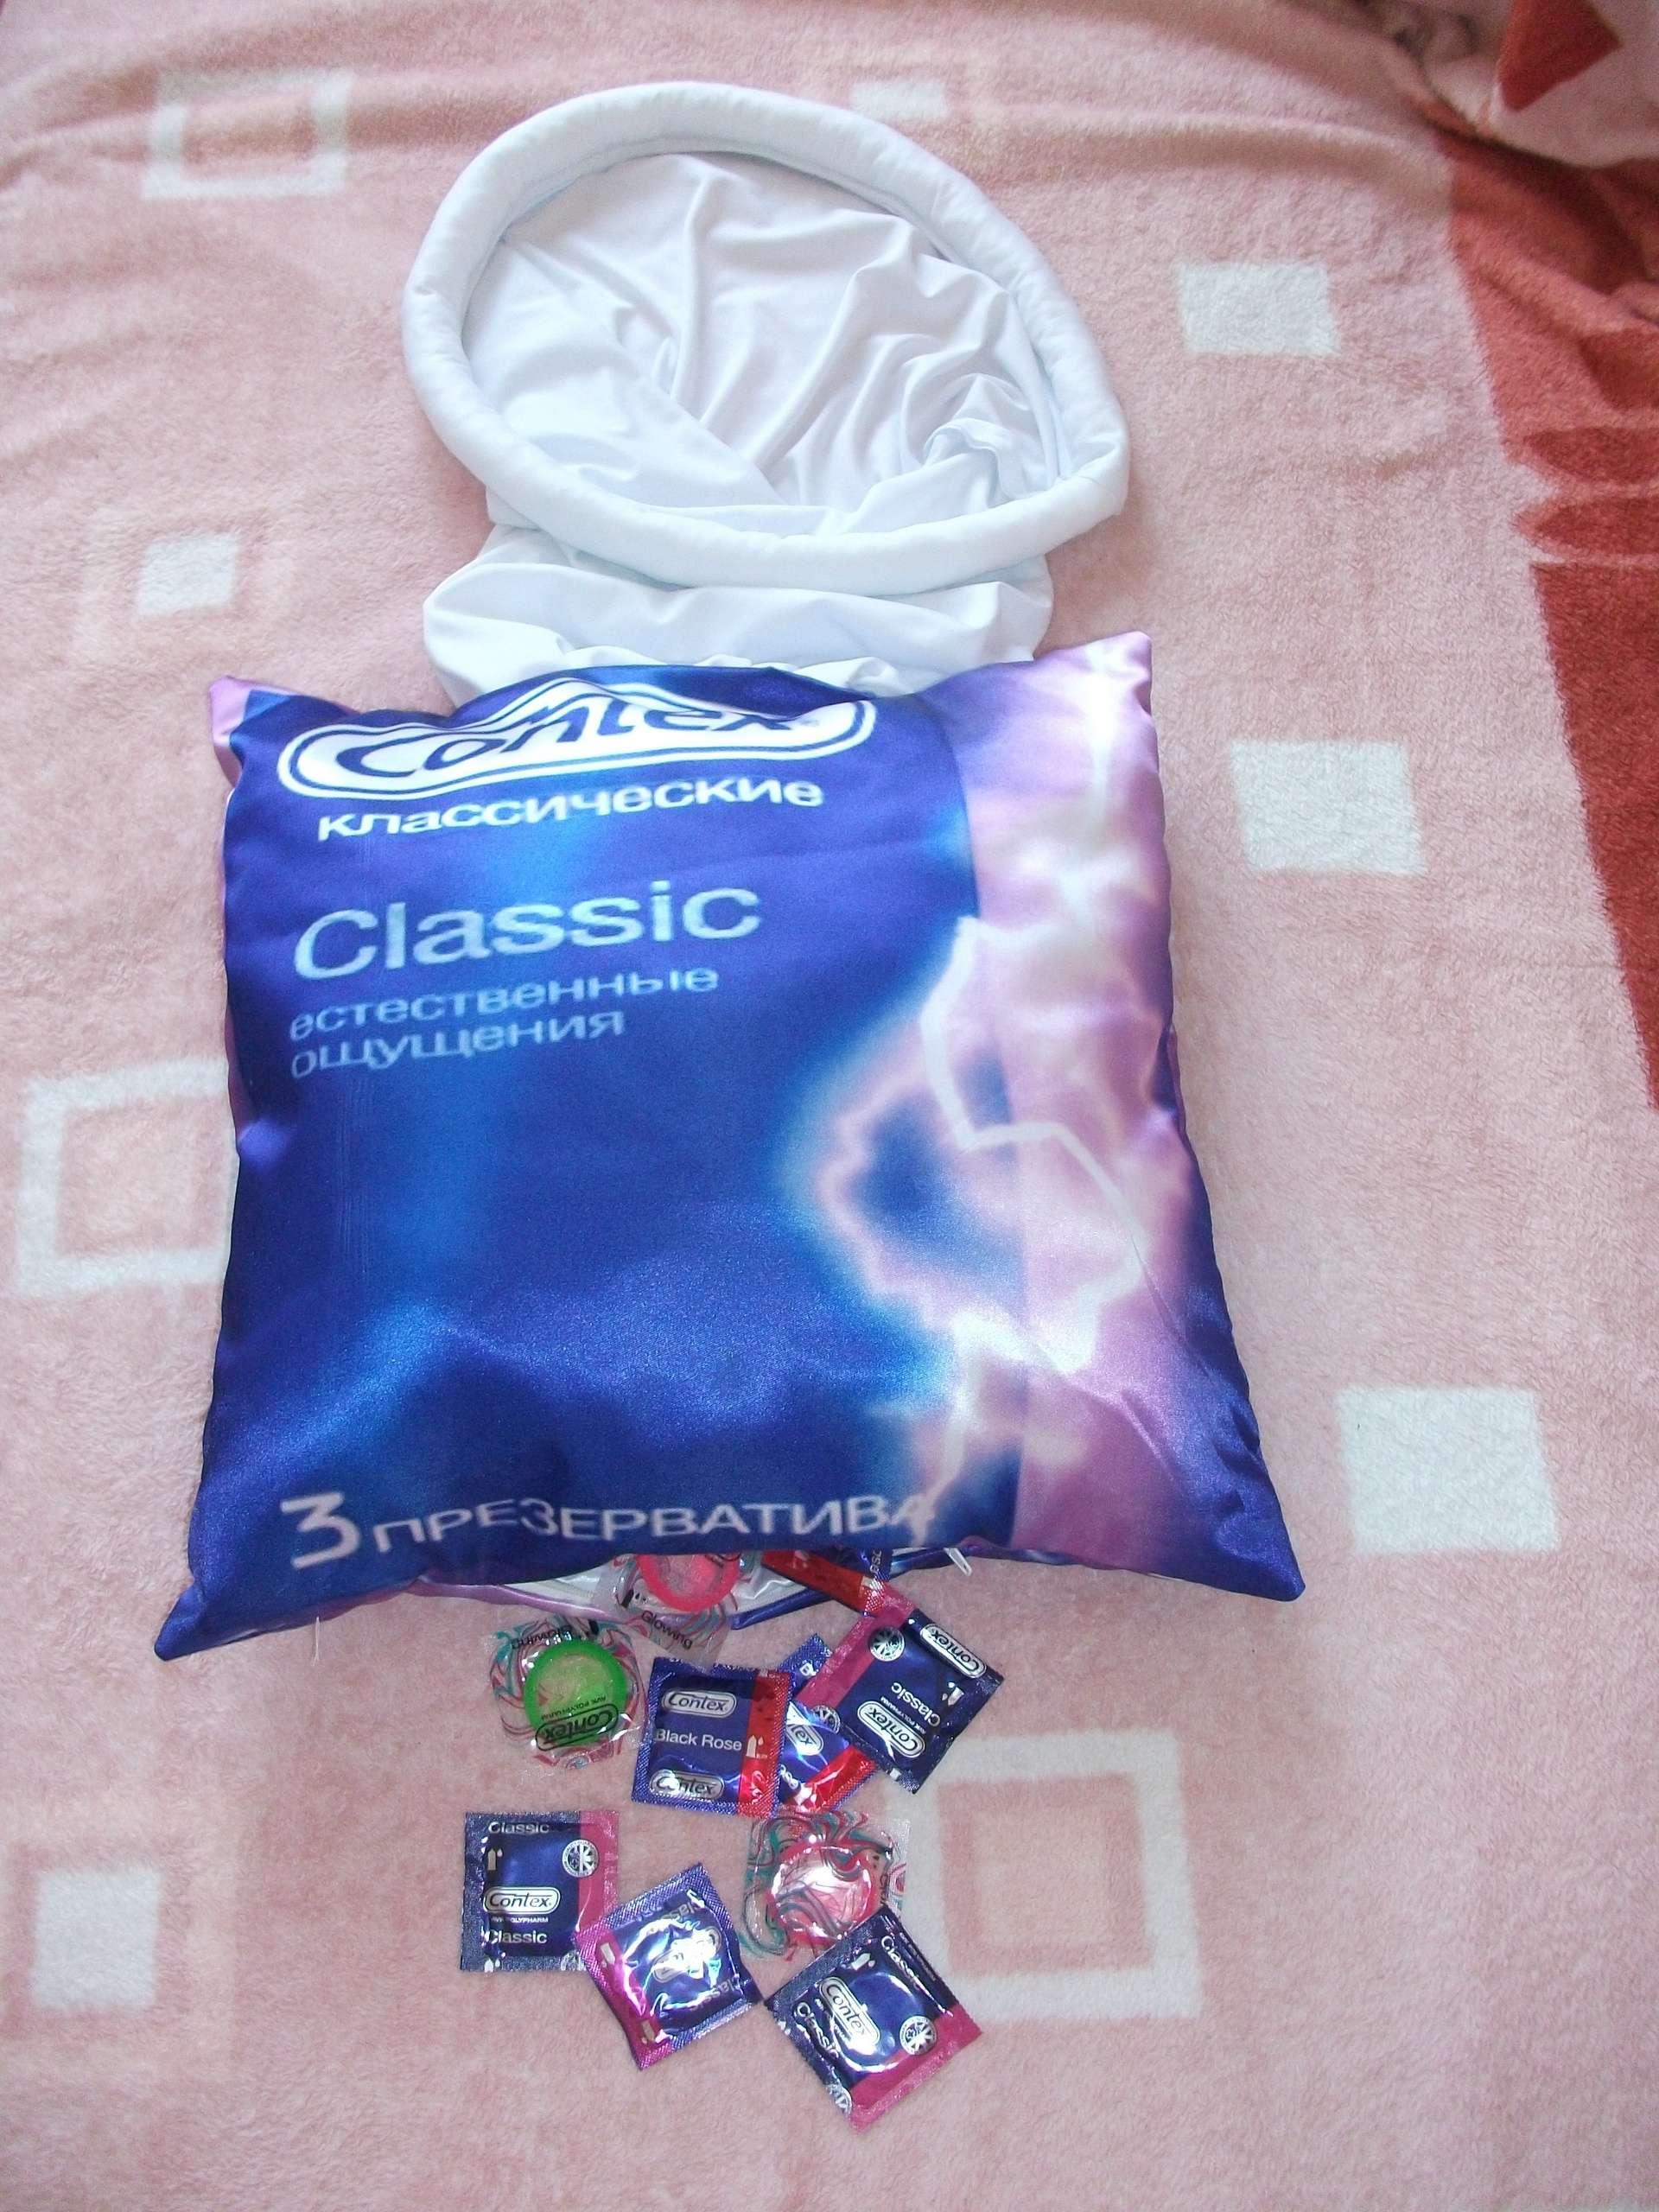 Рибристые презервативы фото 11 фотография